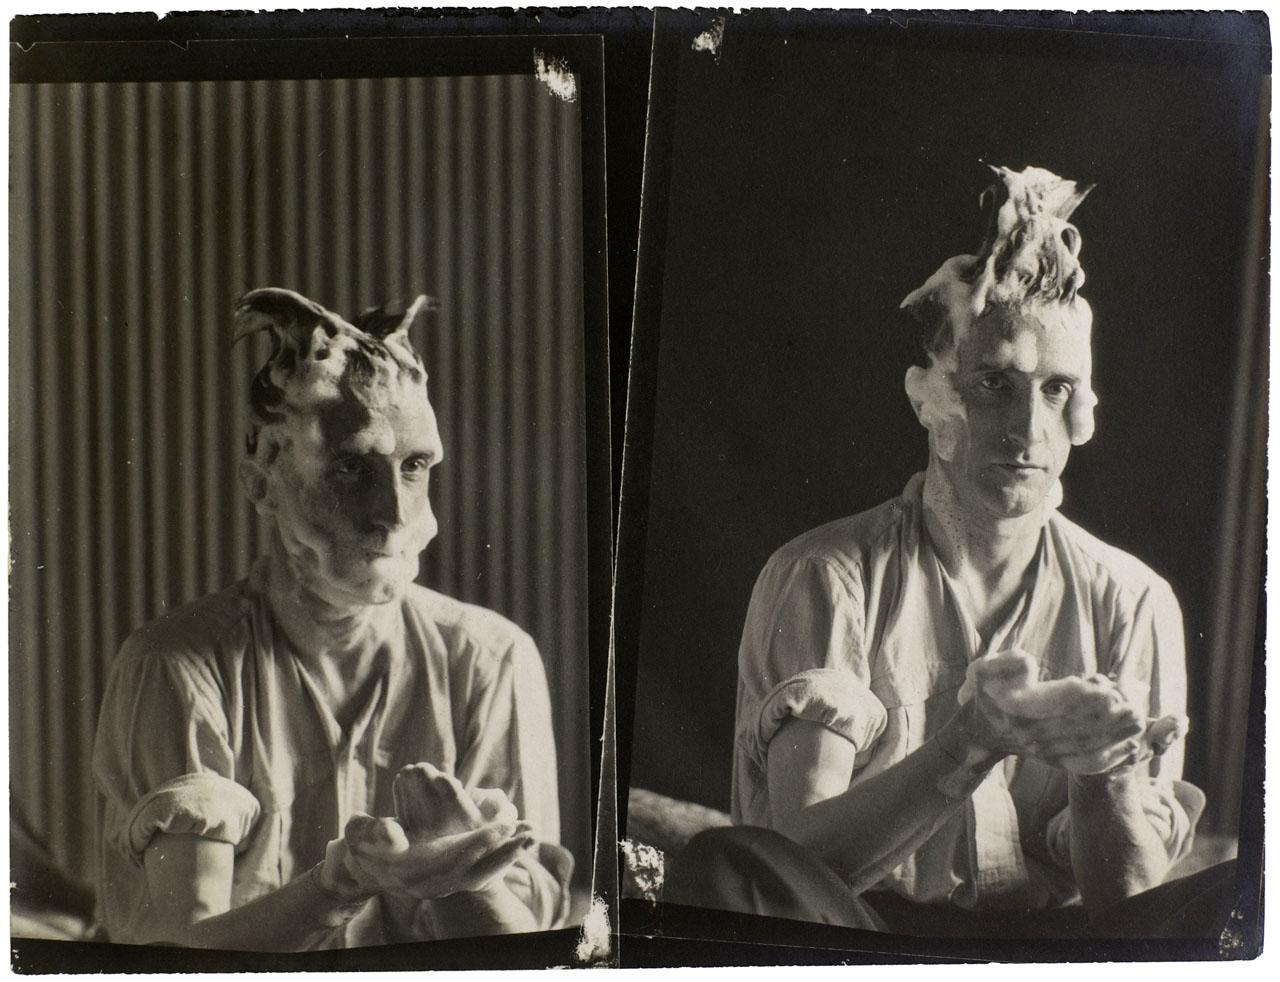 """Man Ray, """"Marcel Duchamp Obligation pour la Roulette de Monte Carlo"""" (1924) (courtesy the Centre Pompidou, © Man Ray Trust, Adagp Paris 2015)"""